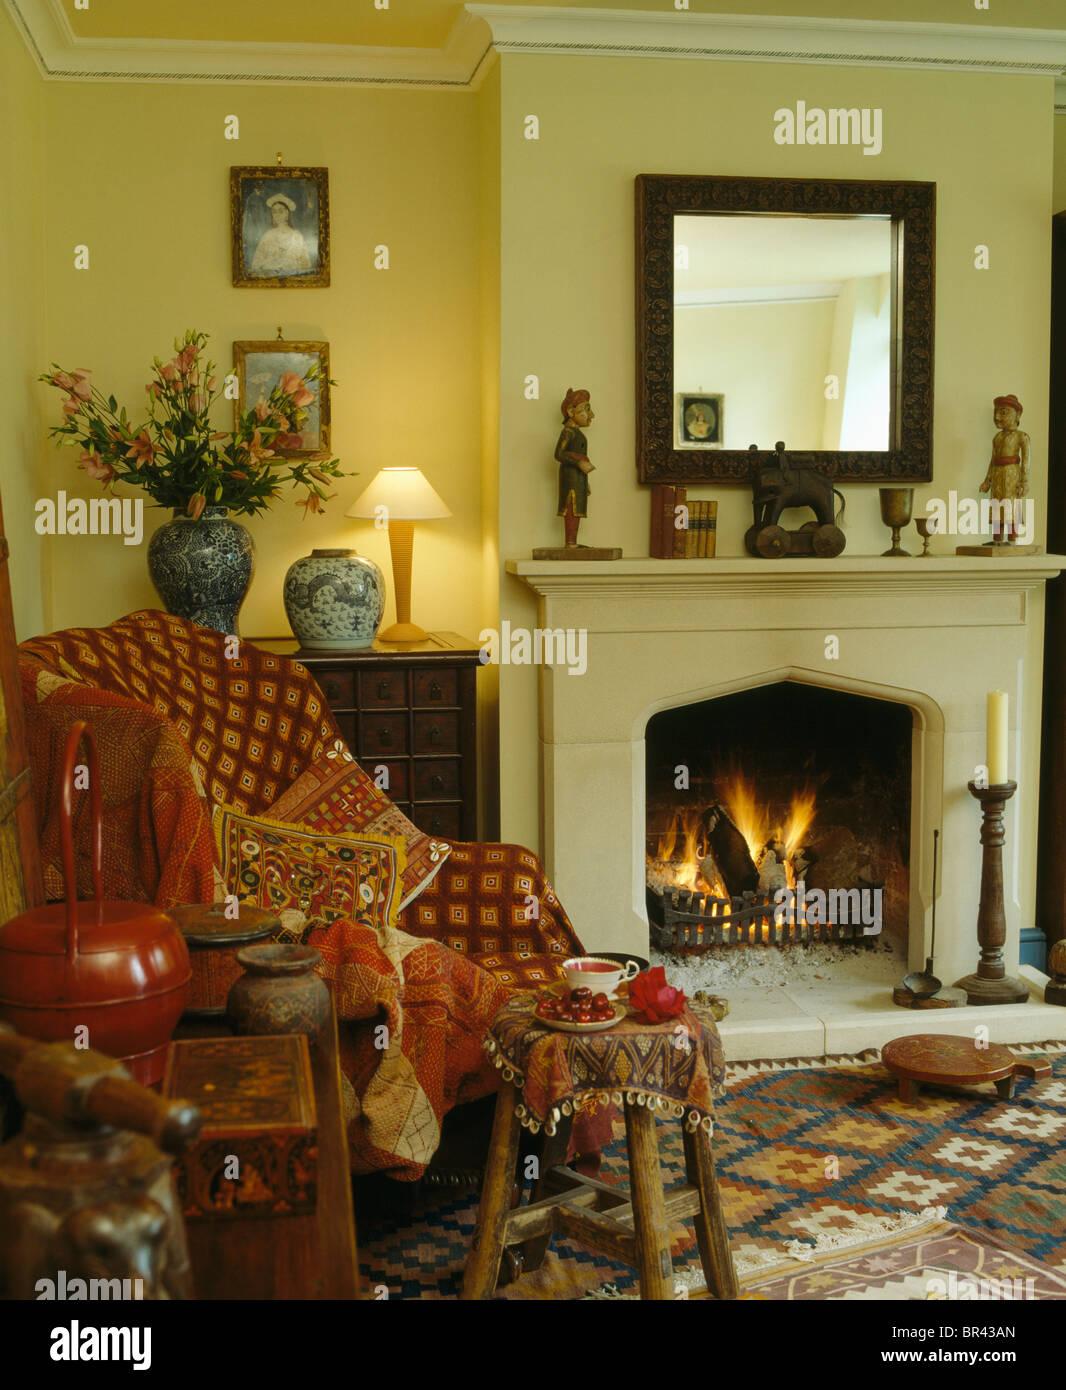 Sessel rot gemustert  Gemusterte rote werfen und Kissen Sessel neben brennenden Feuer im ...